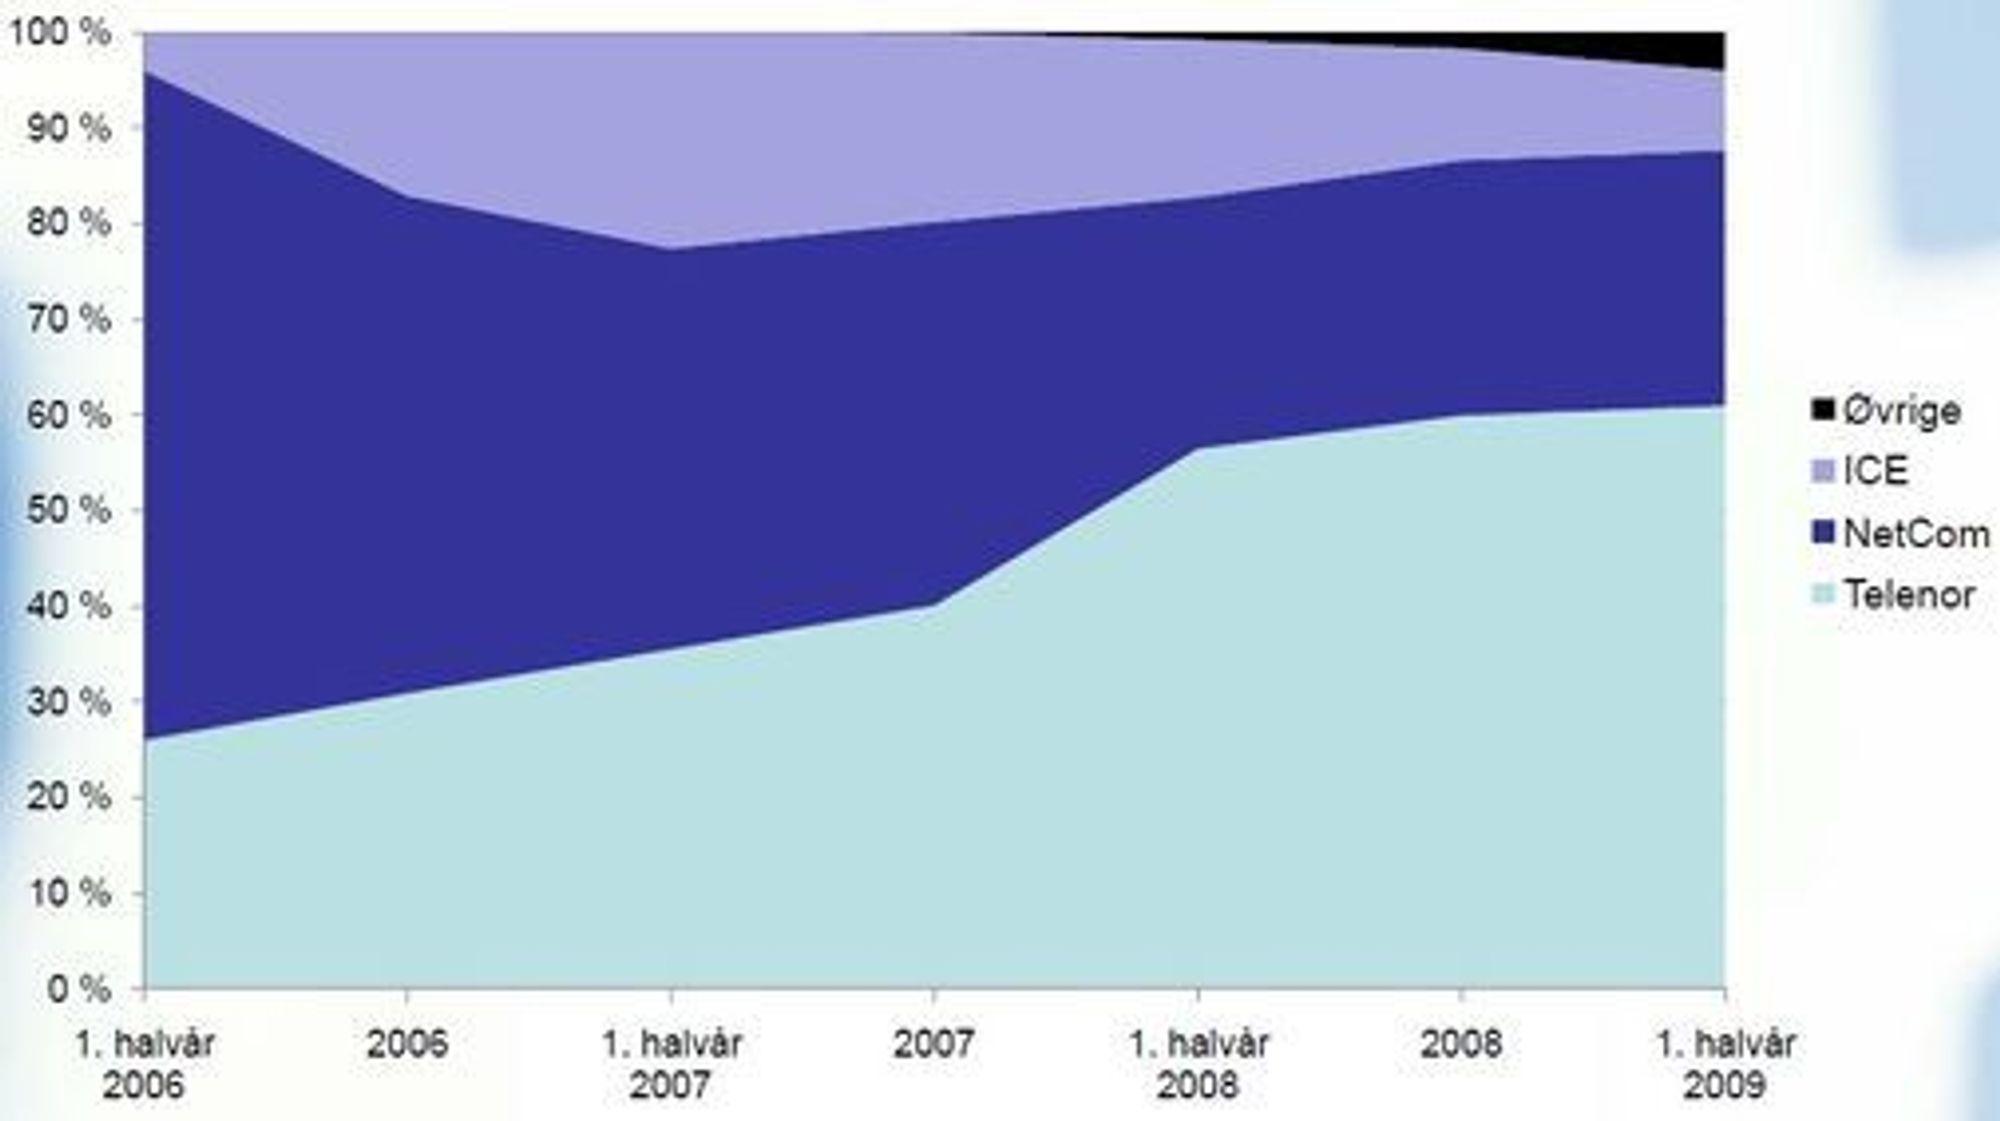 Utvikling i markedsandeler per halvår (målt ved antall abonnement for privat-og bedriftskunder samlet). Kilde: Post- og teletilsynet.